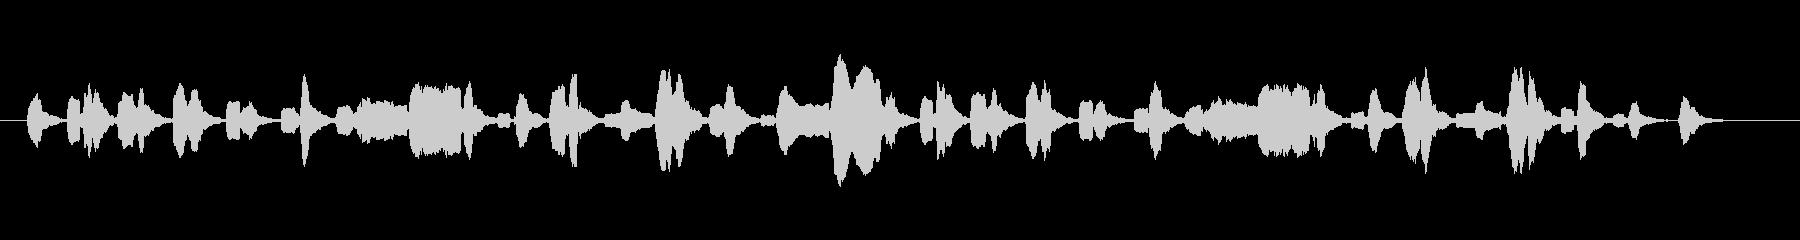 生演奏ほのぼのした雰囲気のリコーダーの未再生の波形